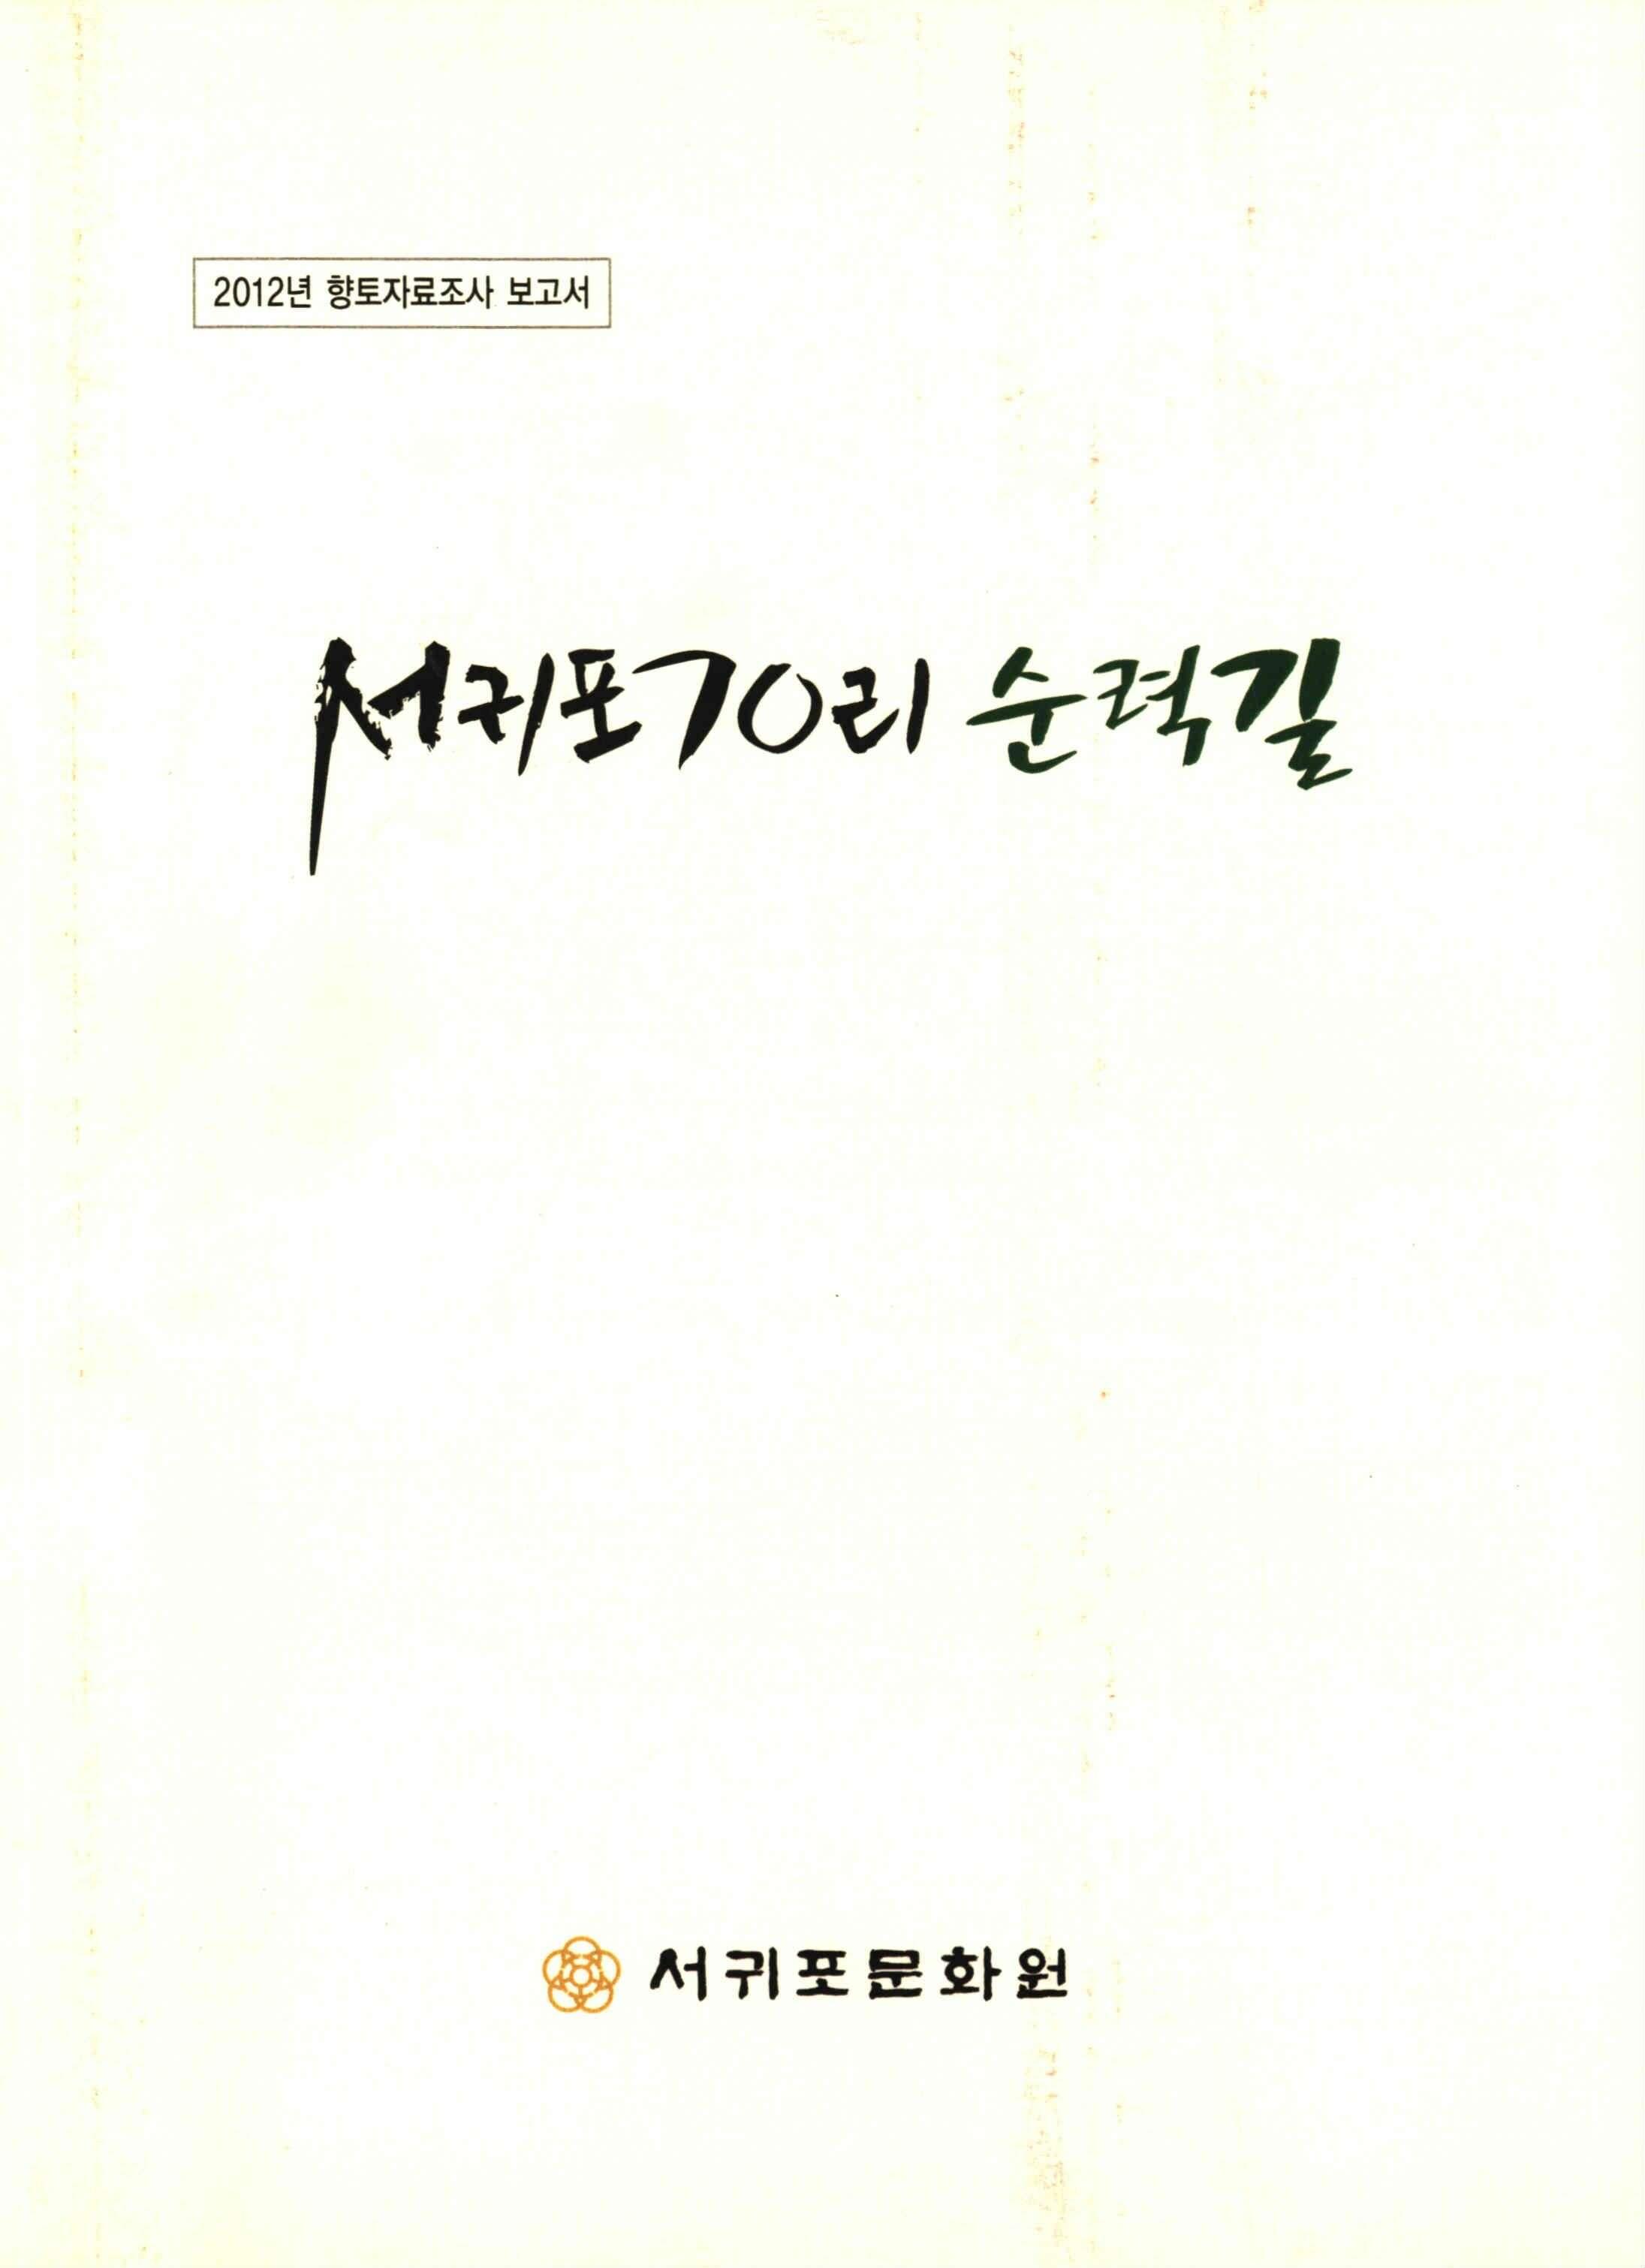 2012년 향토자료조사 보고서 서귀포70리 순력길